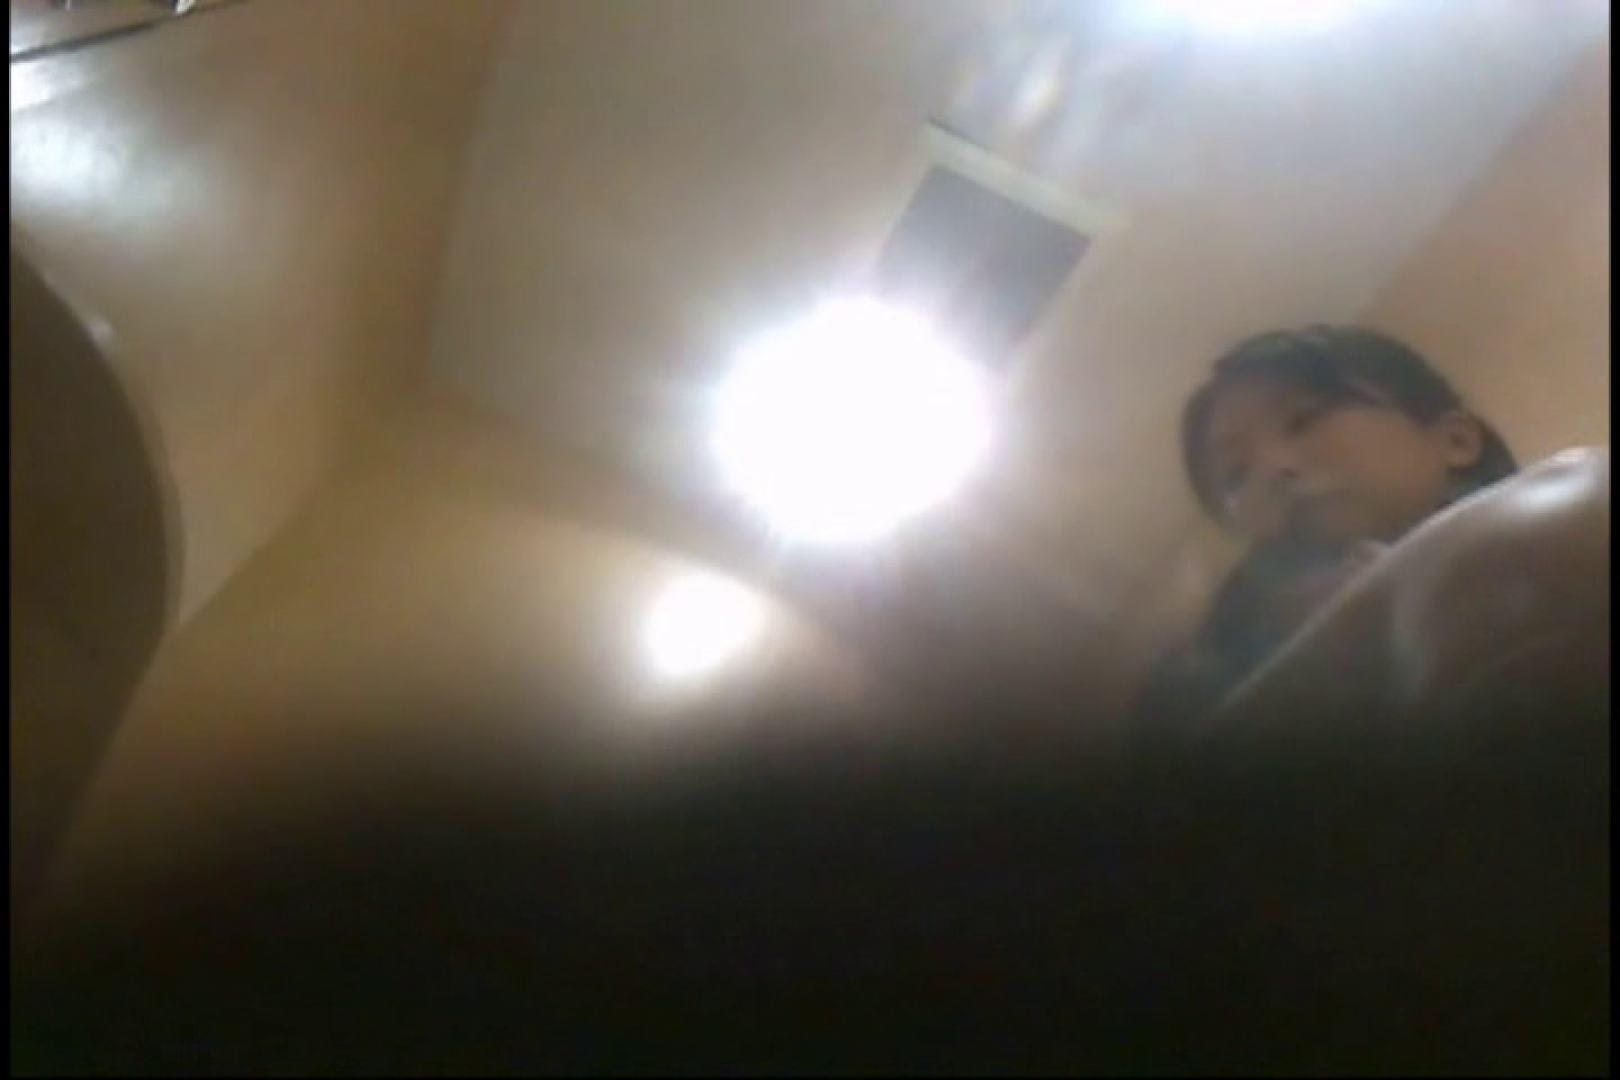 画質向上!新亀さん厠 vol.54 お姉さん達のオマンコ 盗撮画像 89連発 27